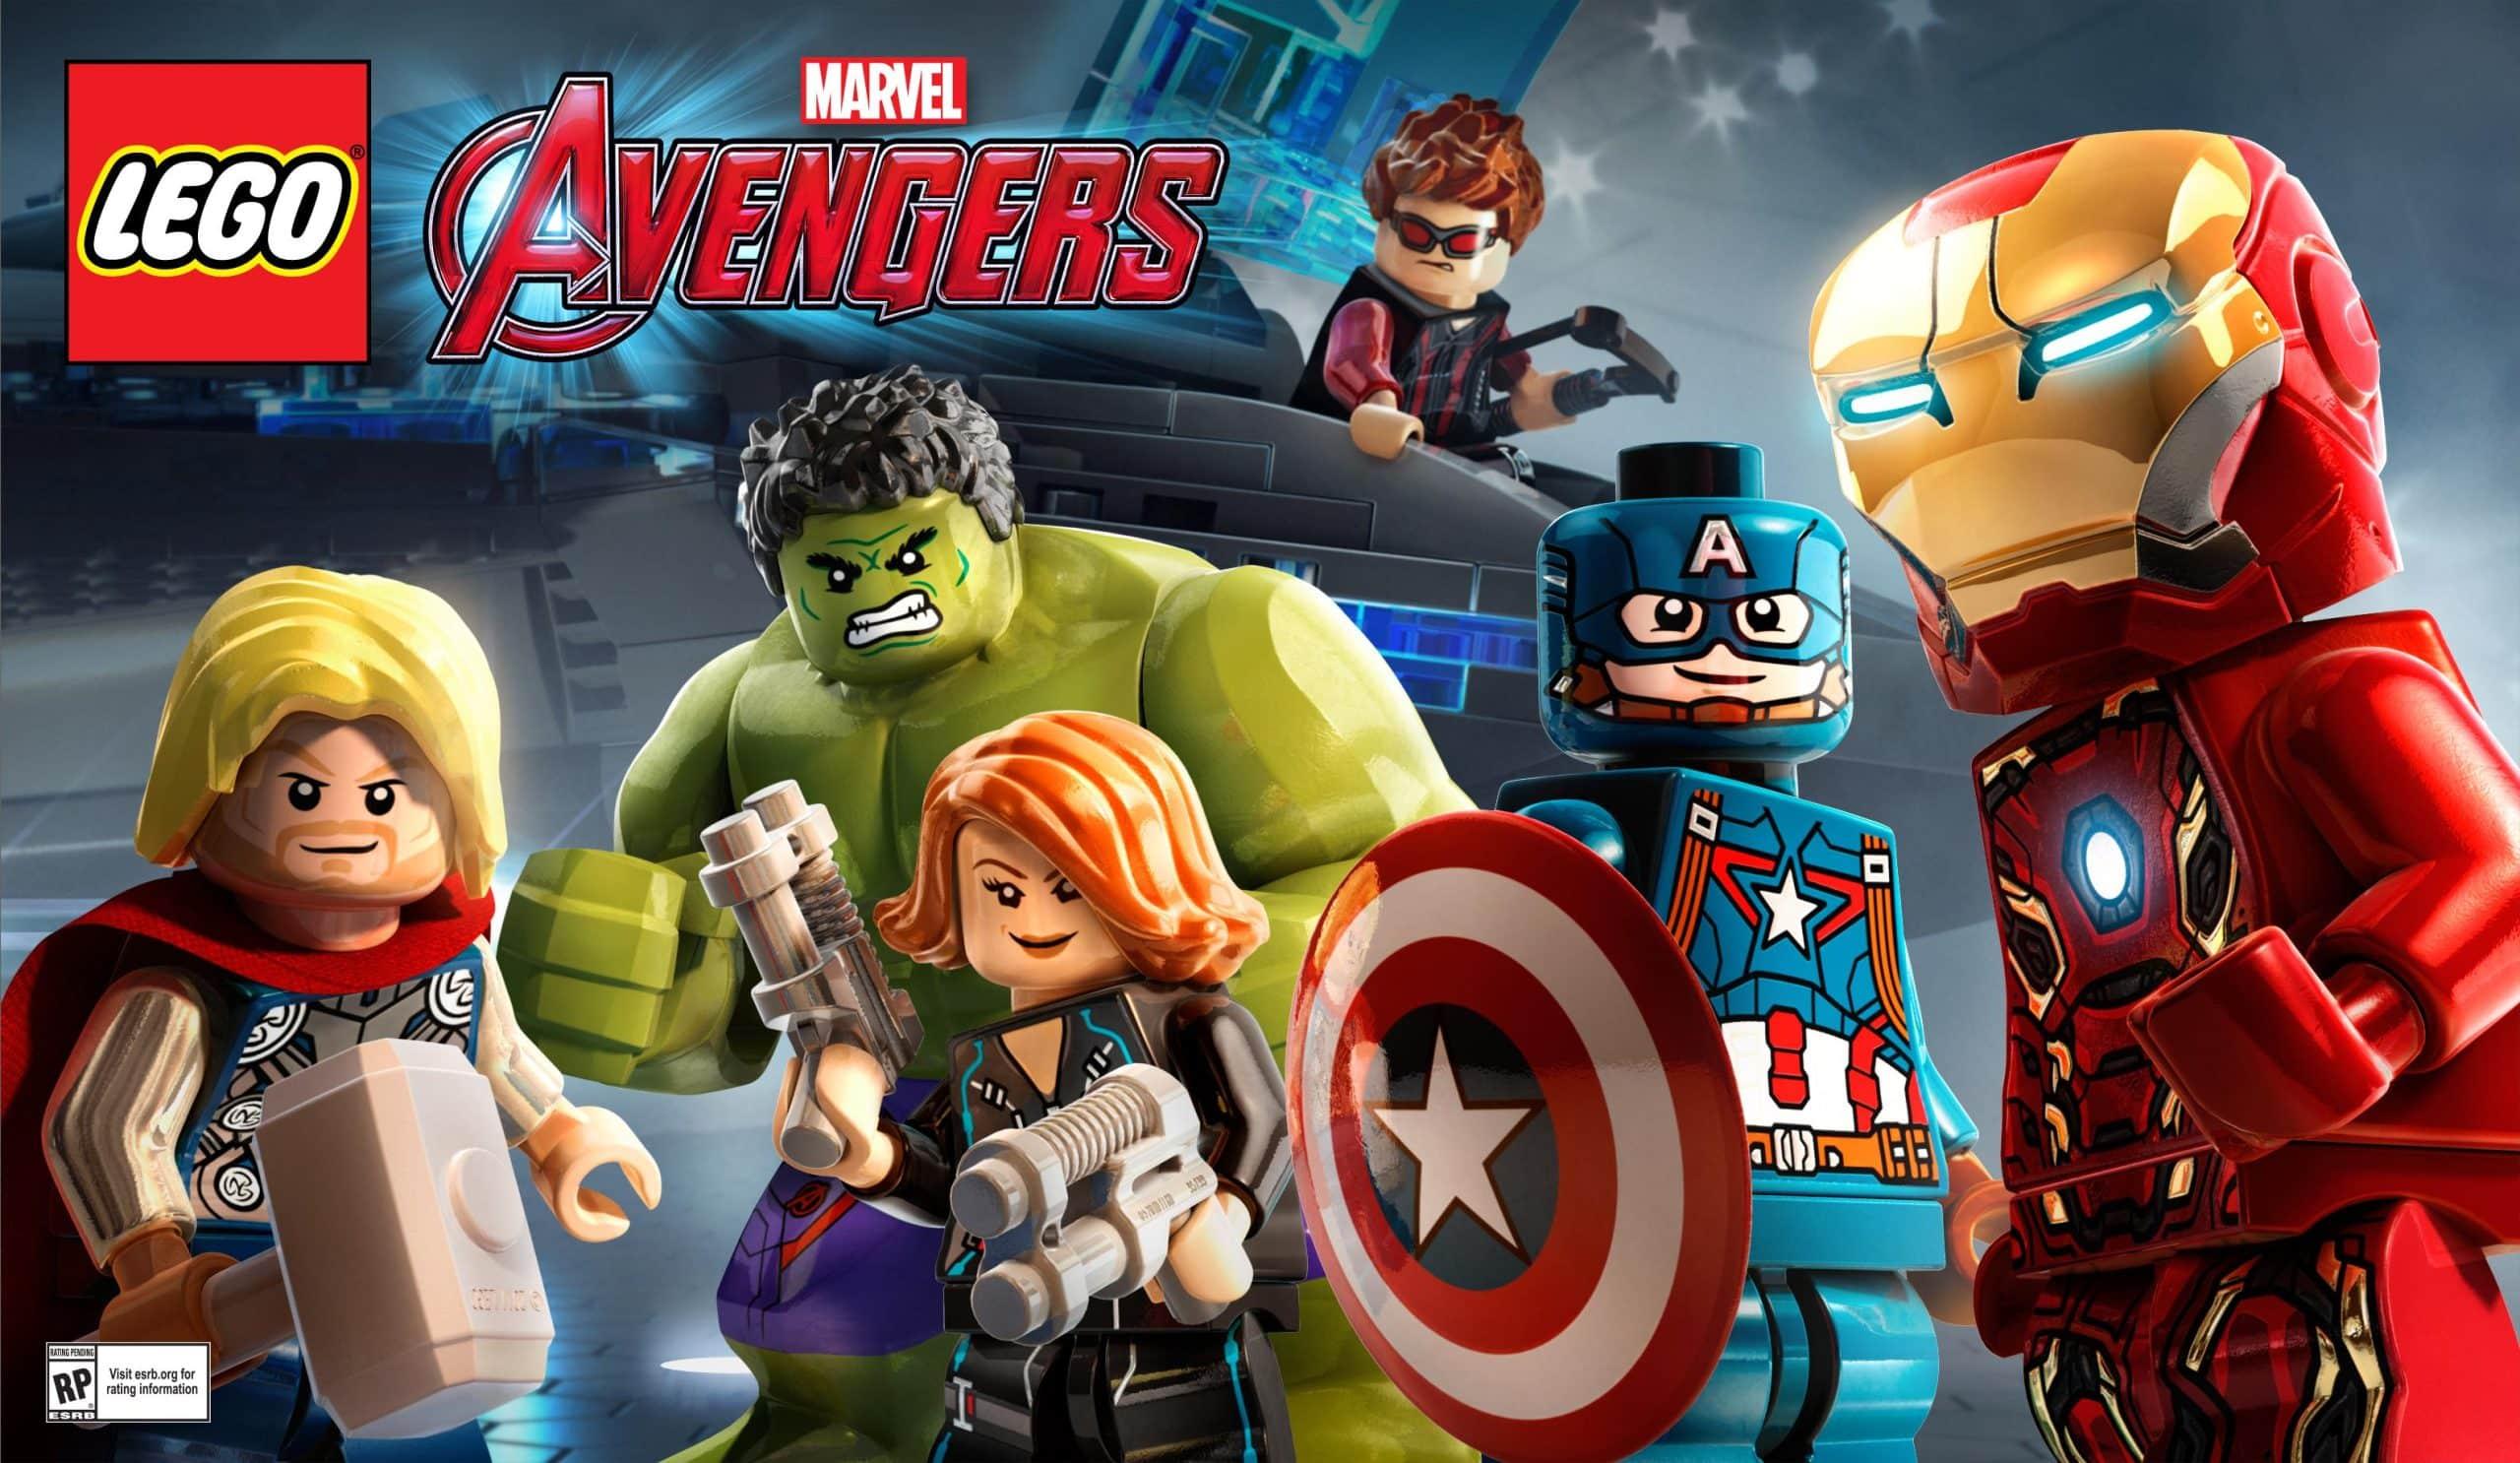 LEGO Marvel's Avengers telecharger gratuit de PC et Torrent